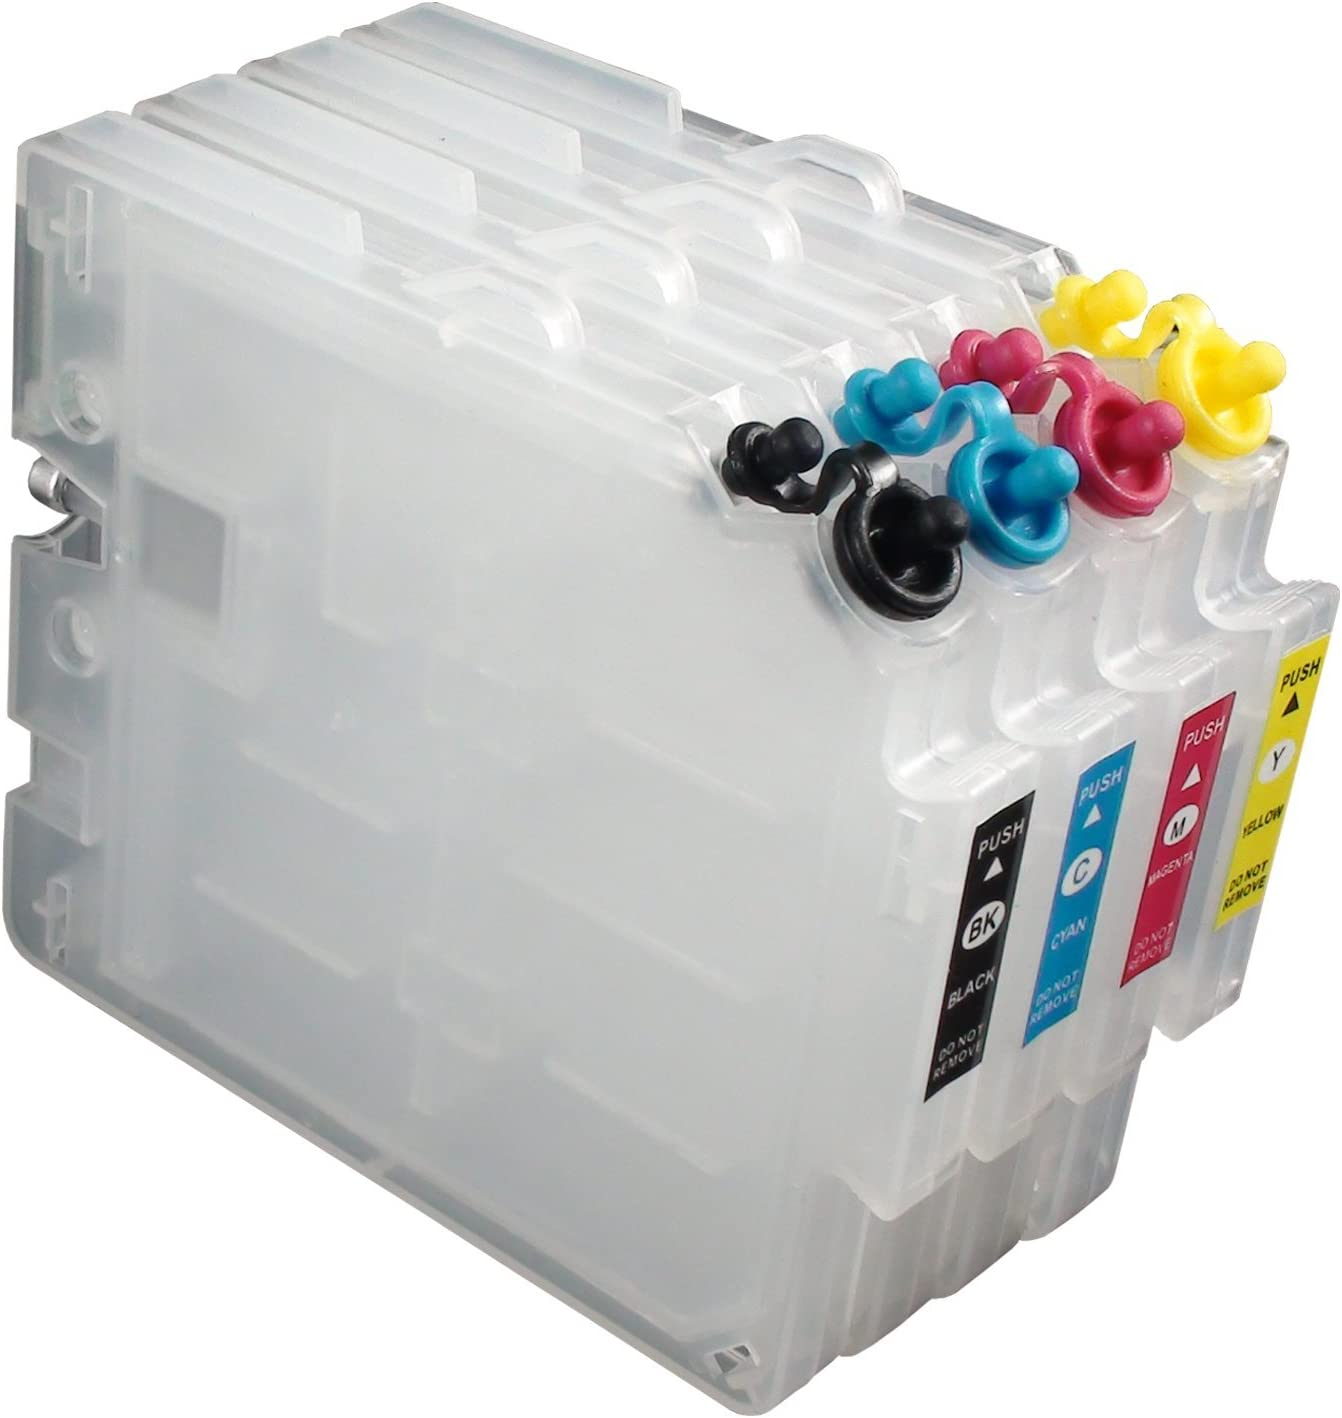 Epson stylus pro 4900 4910 Ink Maintenance Tank chip resetter reset inkjet hr